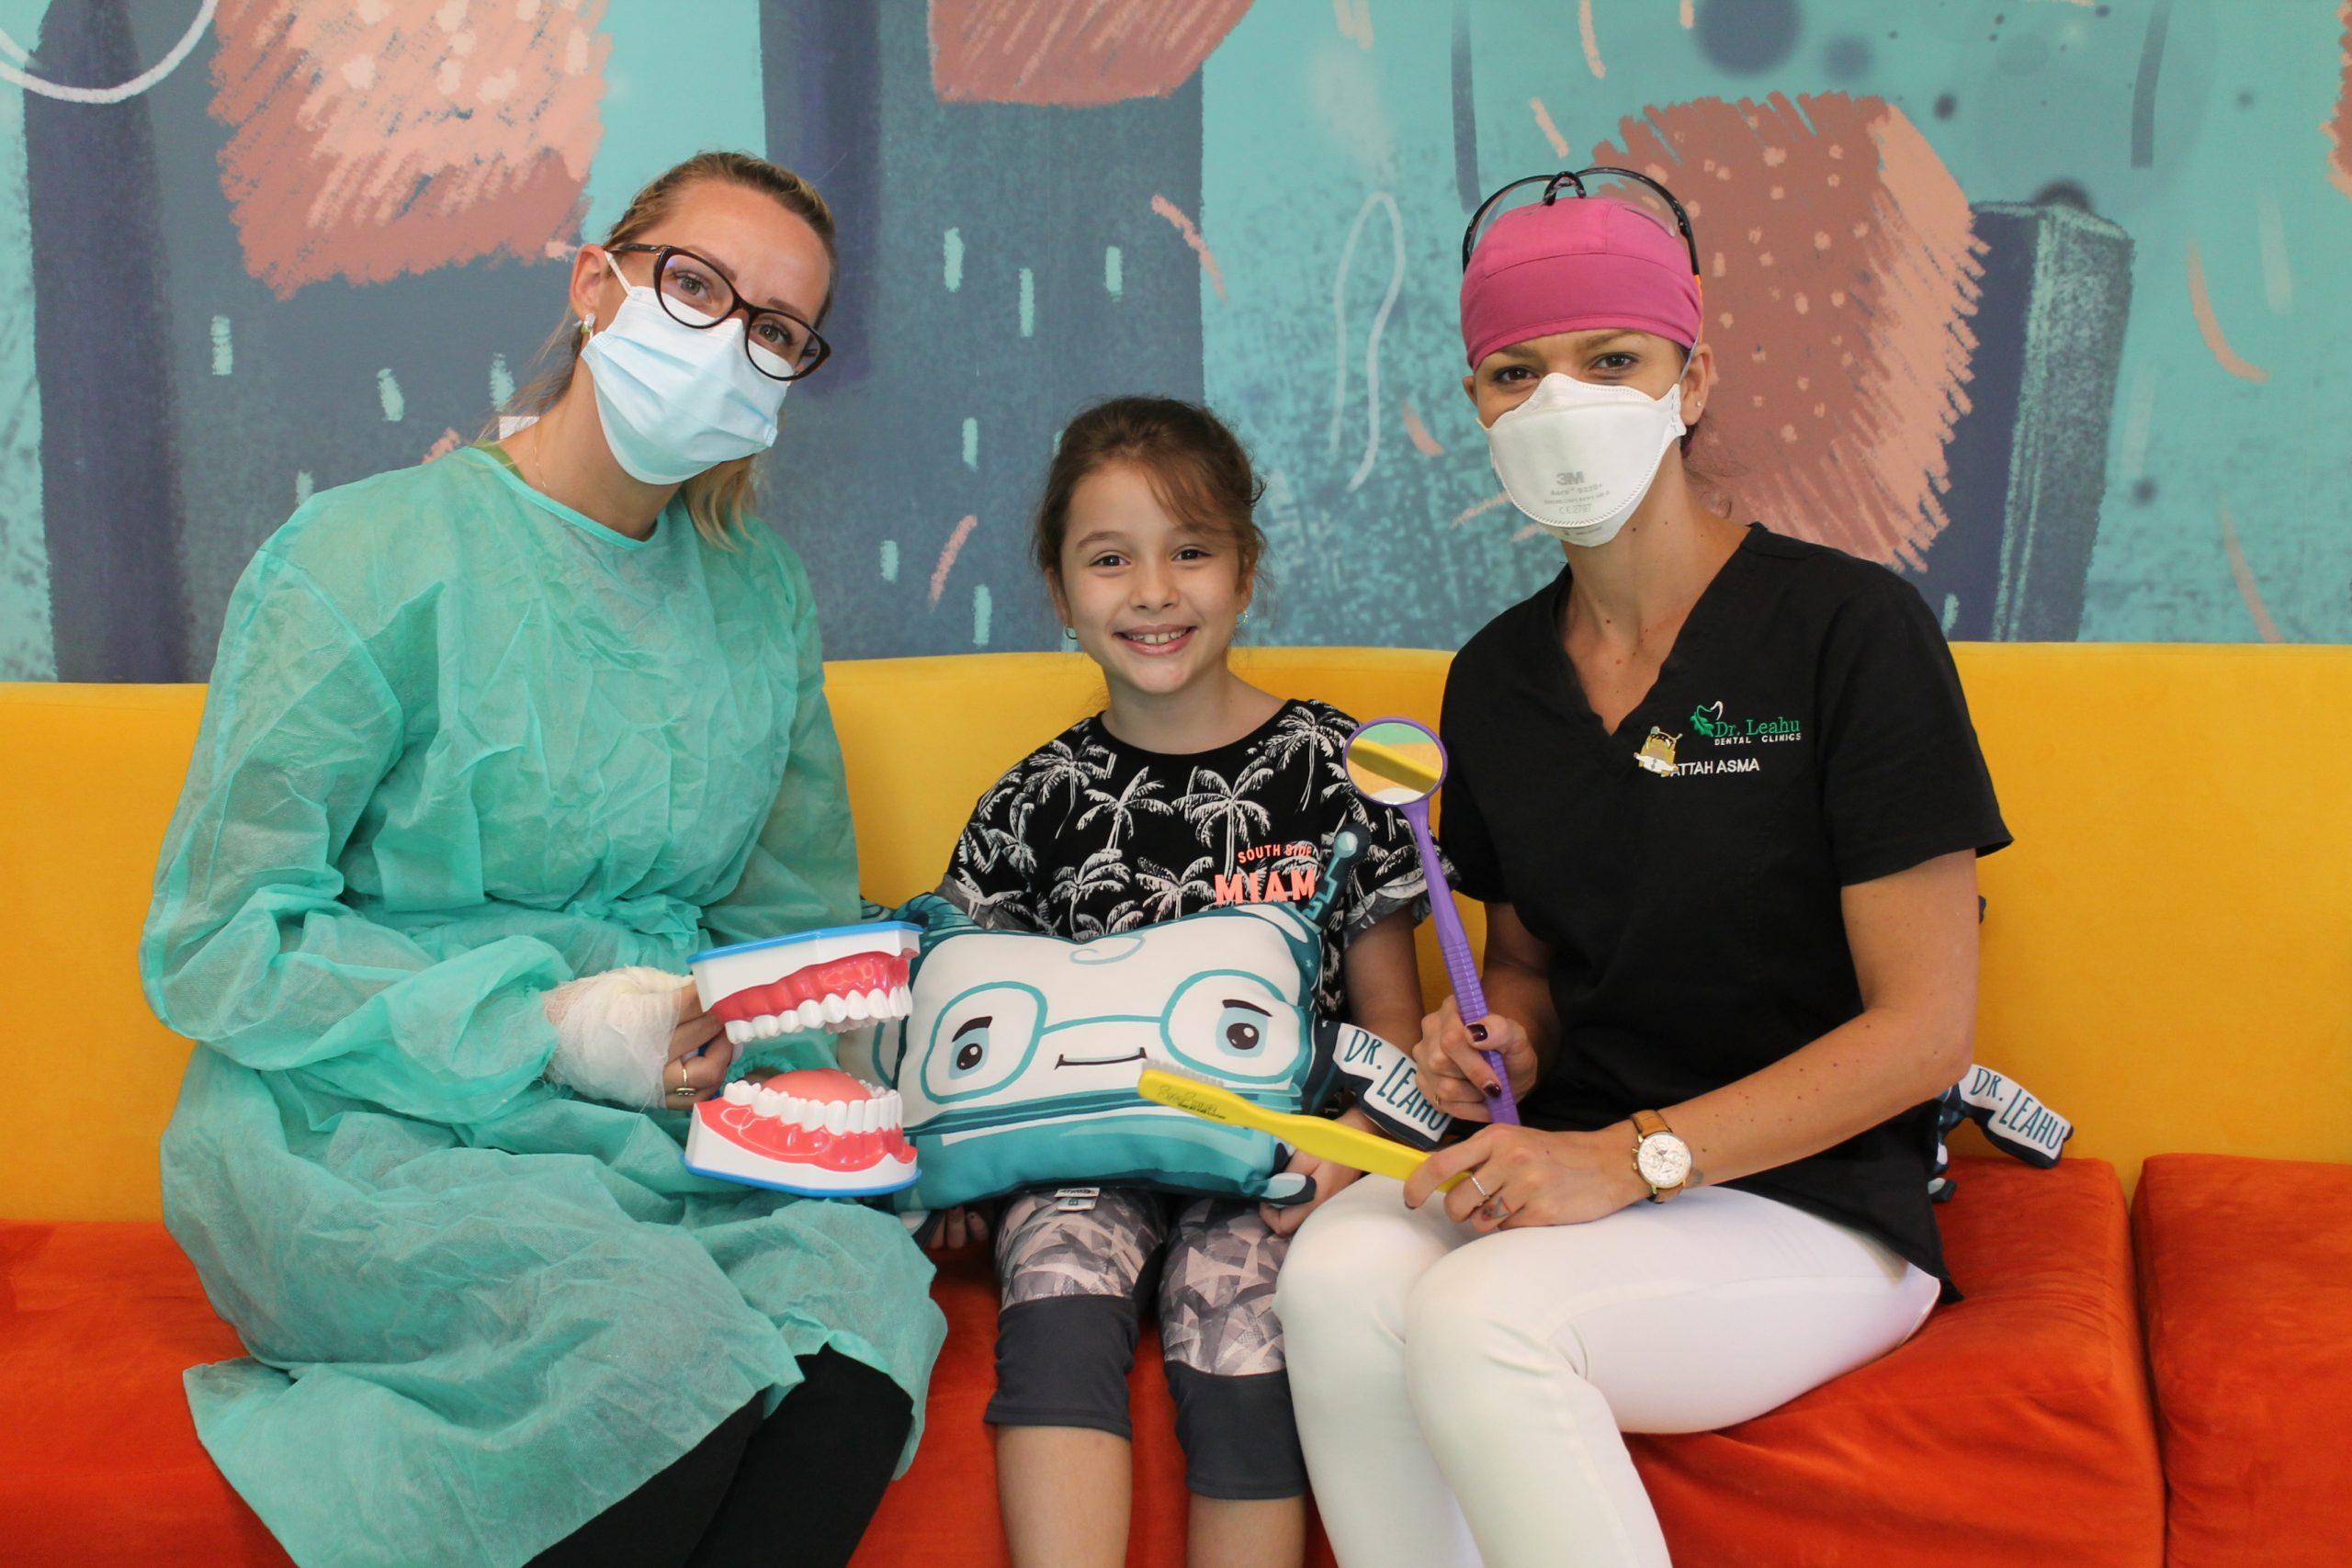 Pacient impreuna cu medic in dreapta si asistenta in stanga la Academia Spatiala Dr. Leahu